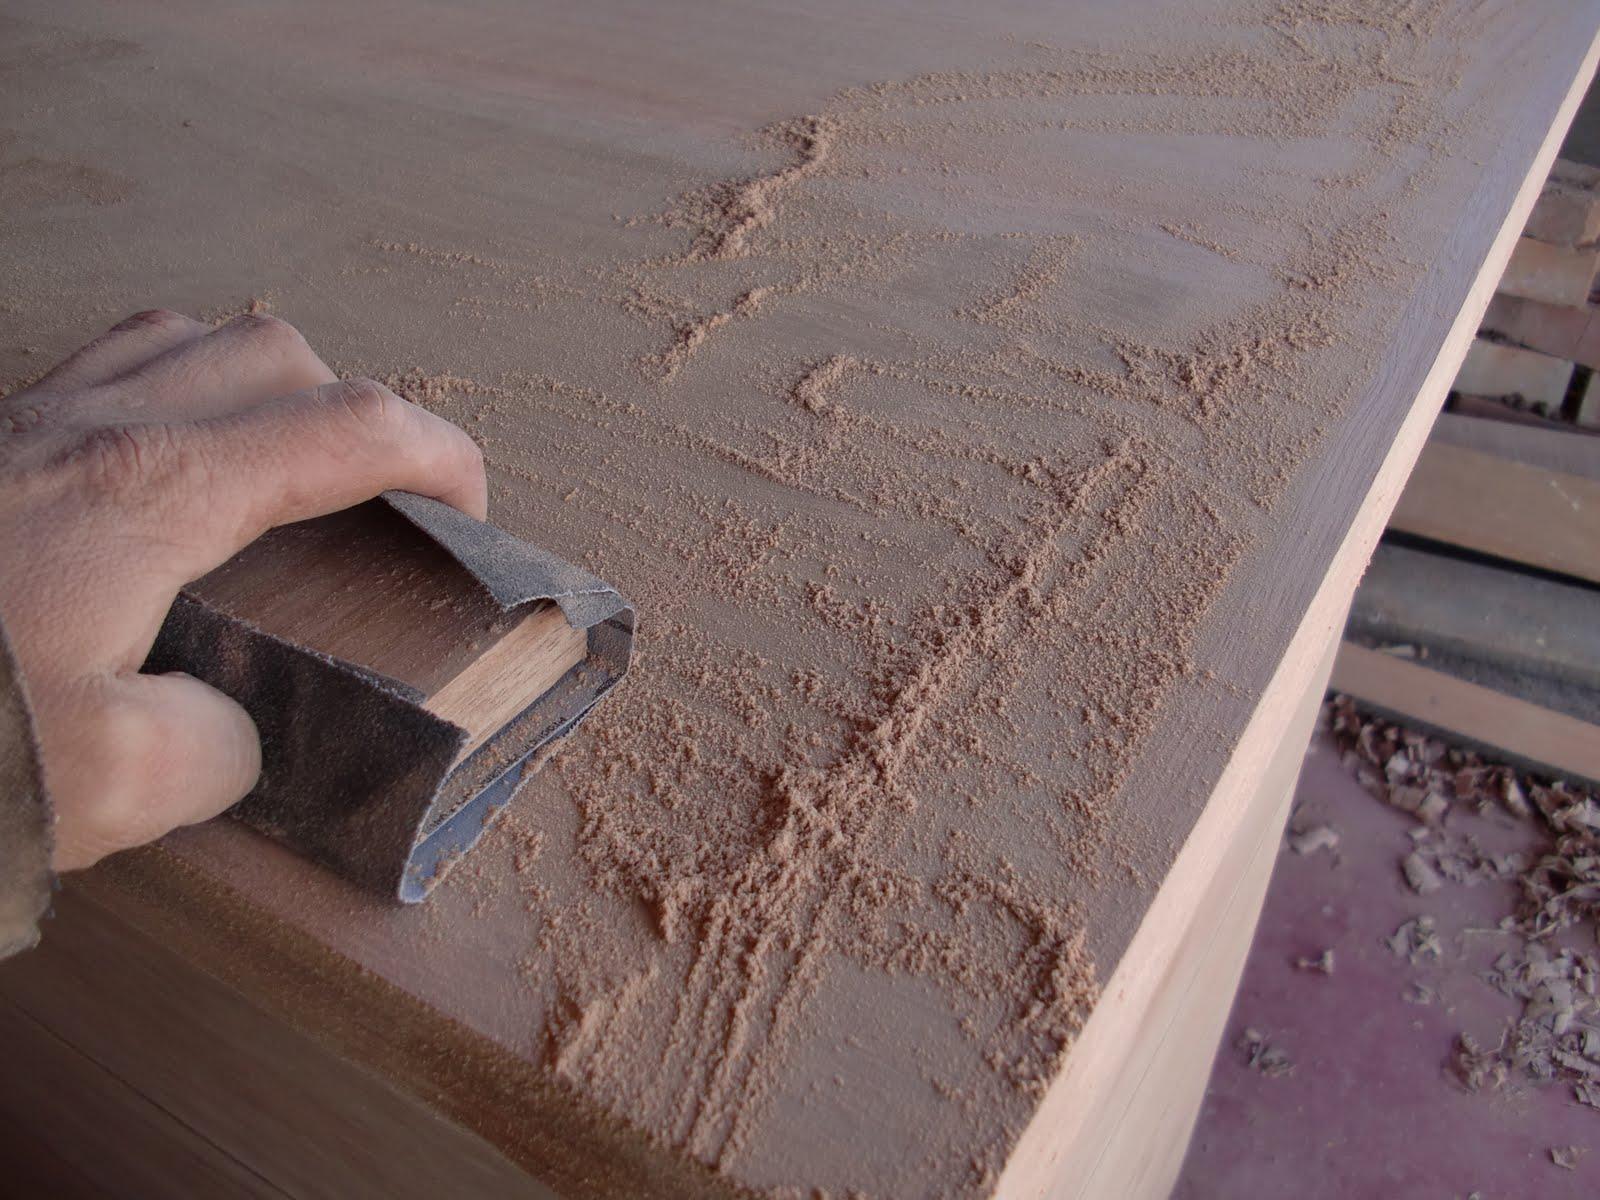 Cmo pintar muebles de madera  Blog de muebles y decoracin